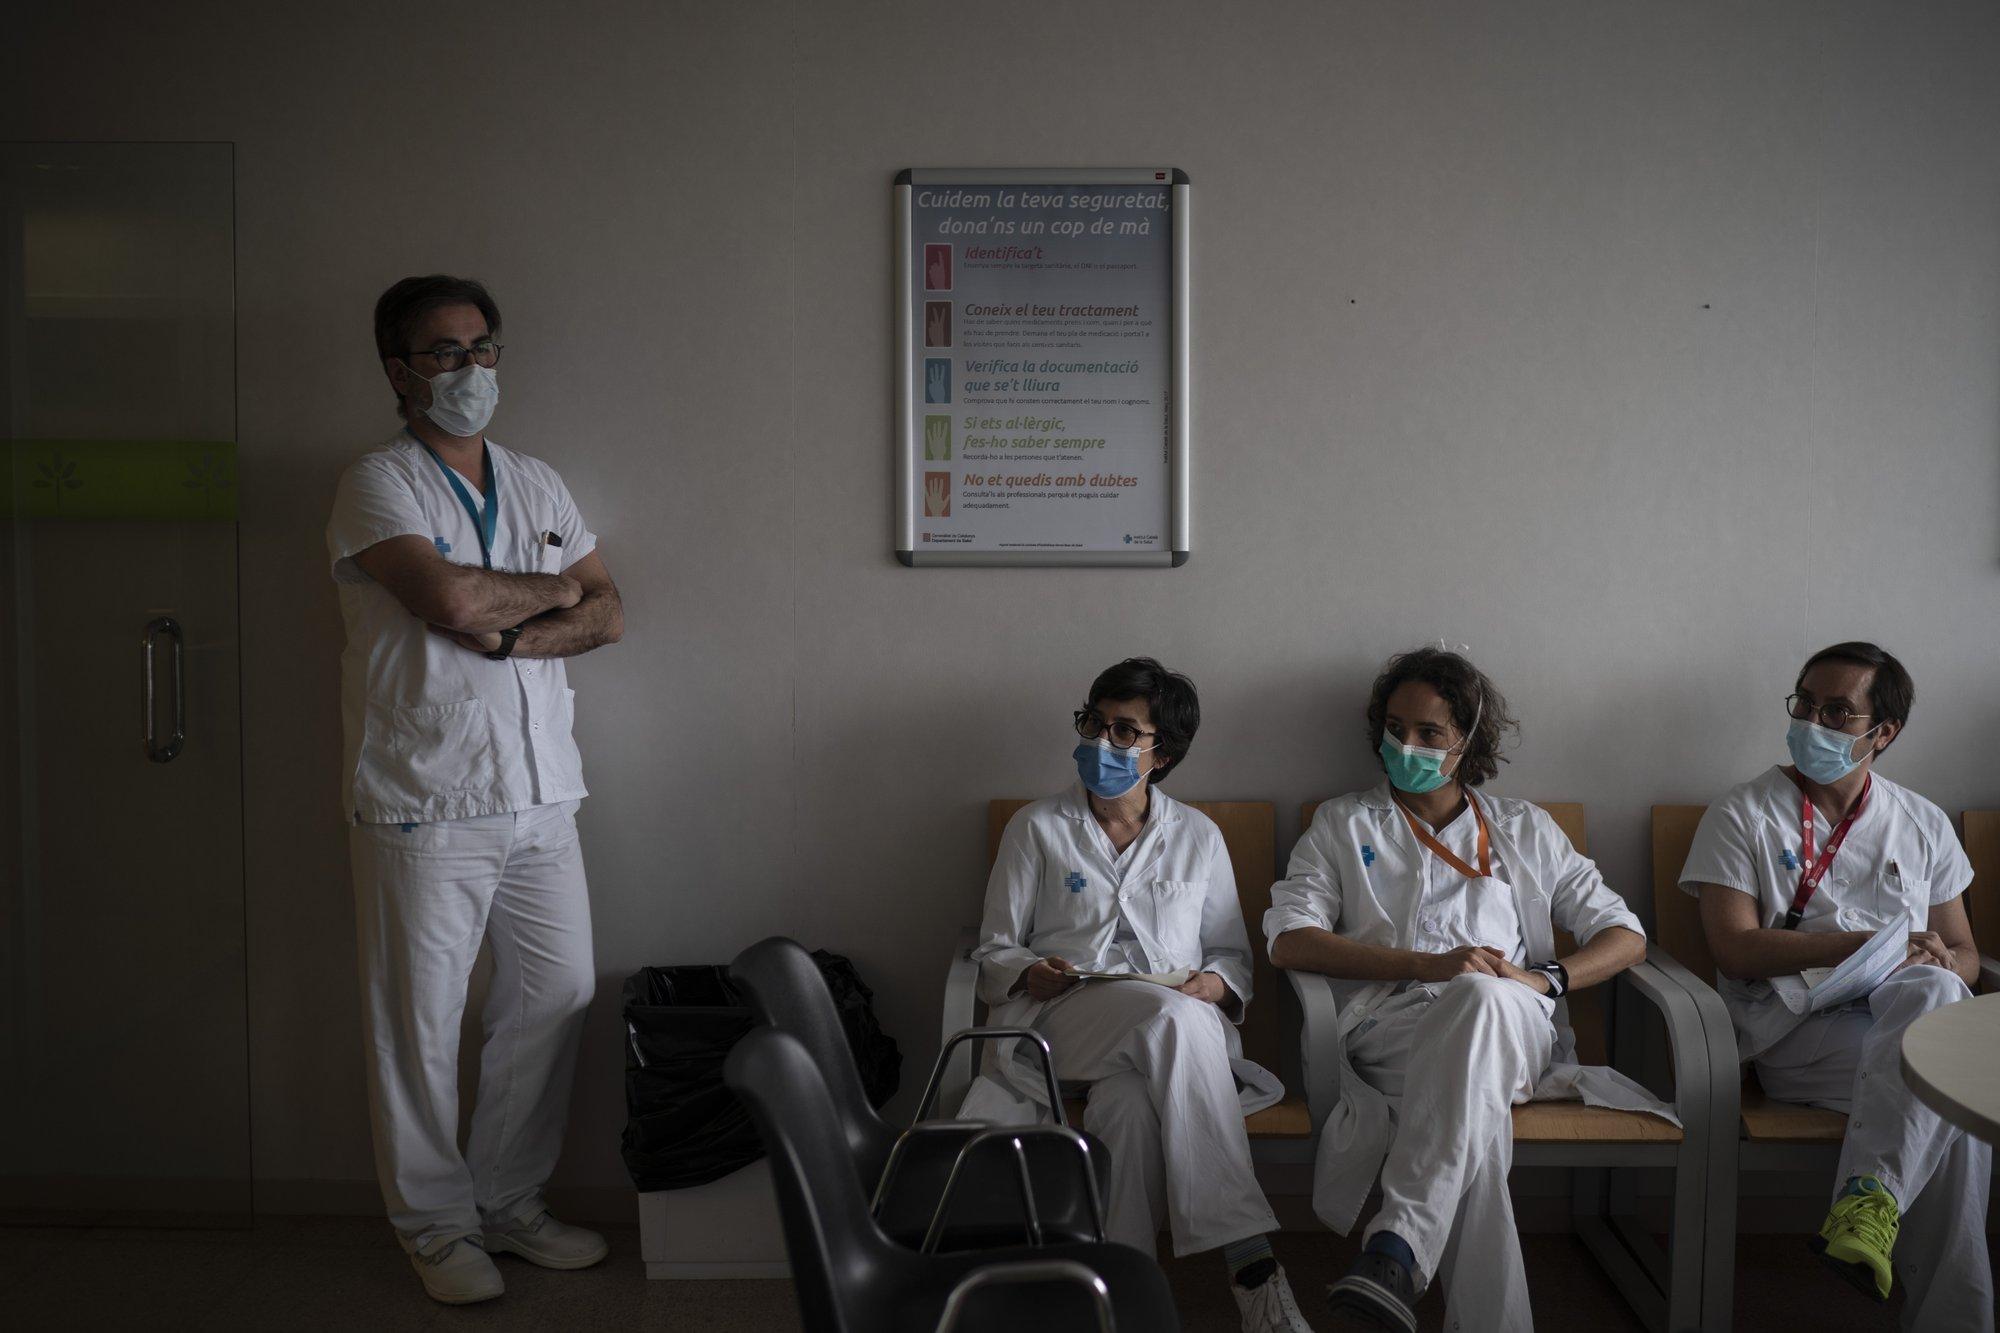 Parte del staff médico y de enfermeros que luchan contra el COVID-19 en España (AP Photo/Felipe Dana)